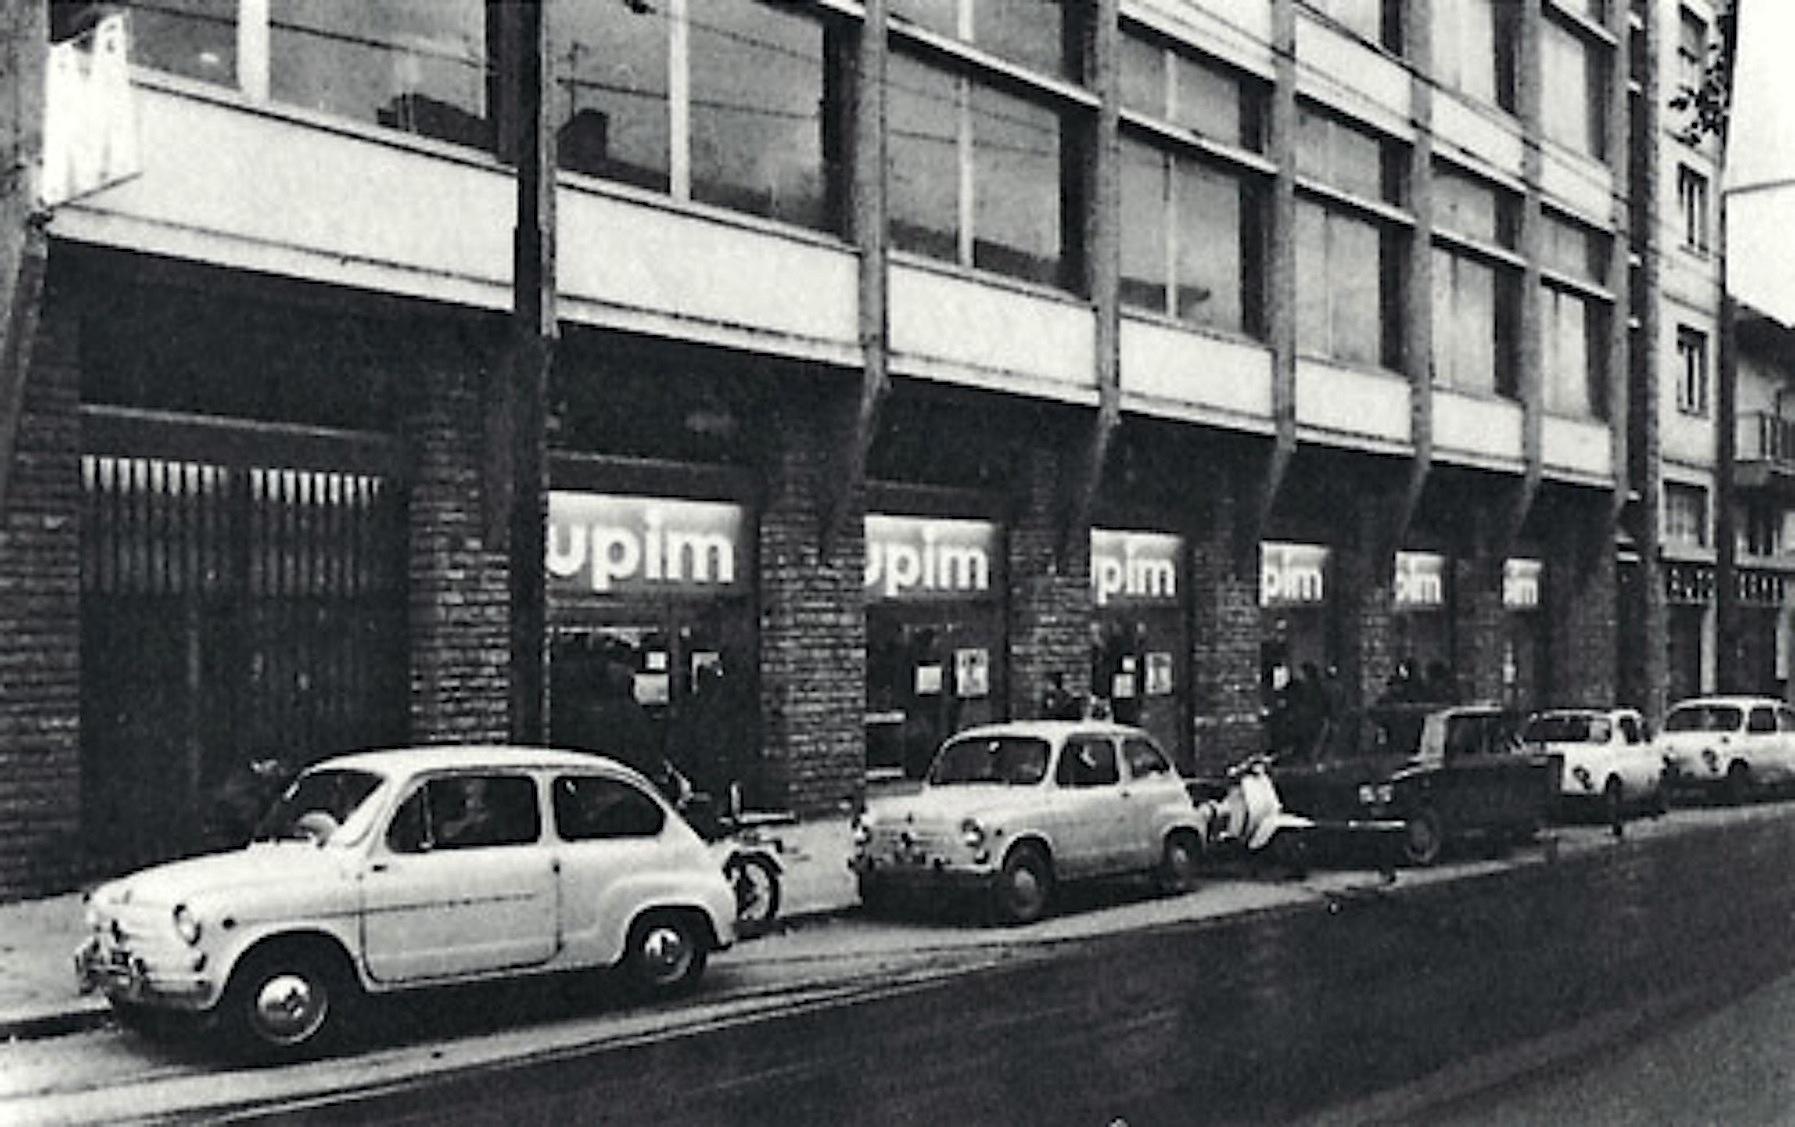 upim-macchine-1966